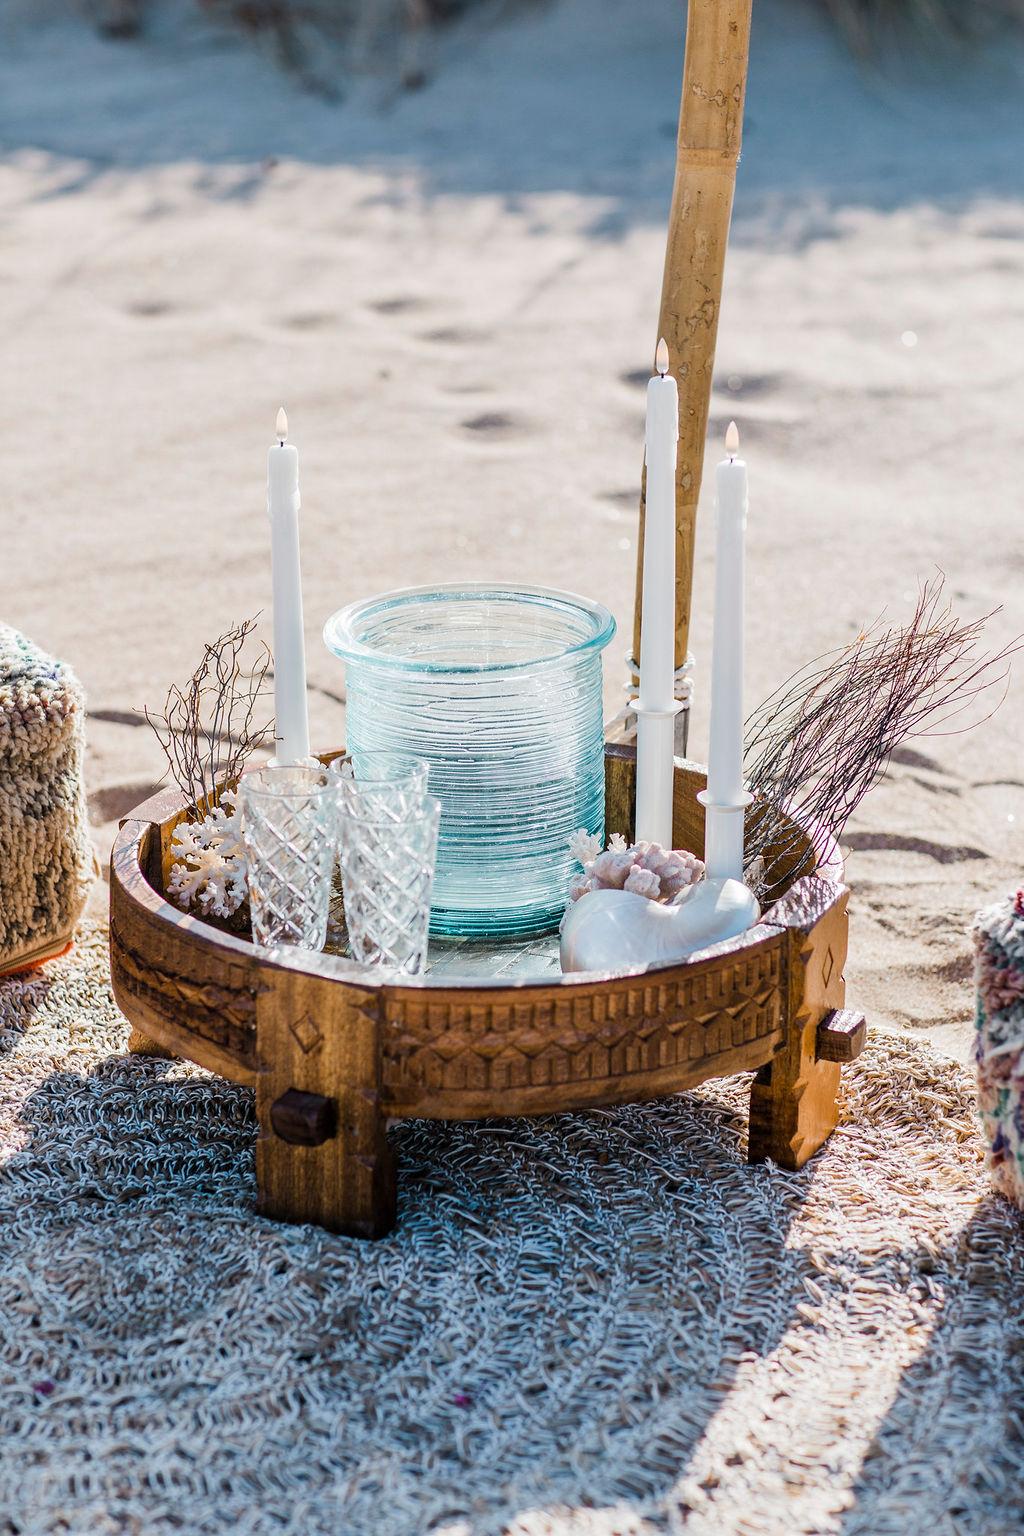 saltandsandeventhire-wedding-stylist-ningaloo-exmouth-waJ&P-Elope-to-ningaloo-exmouth-weddings-2.jpg